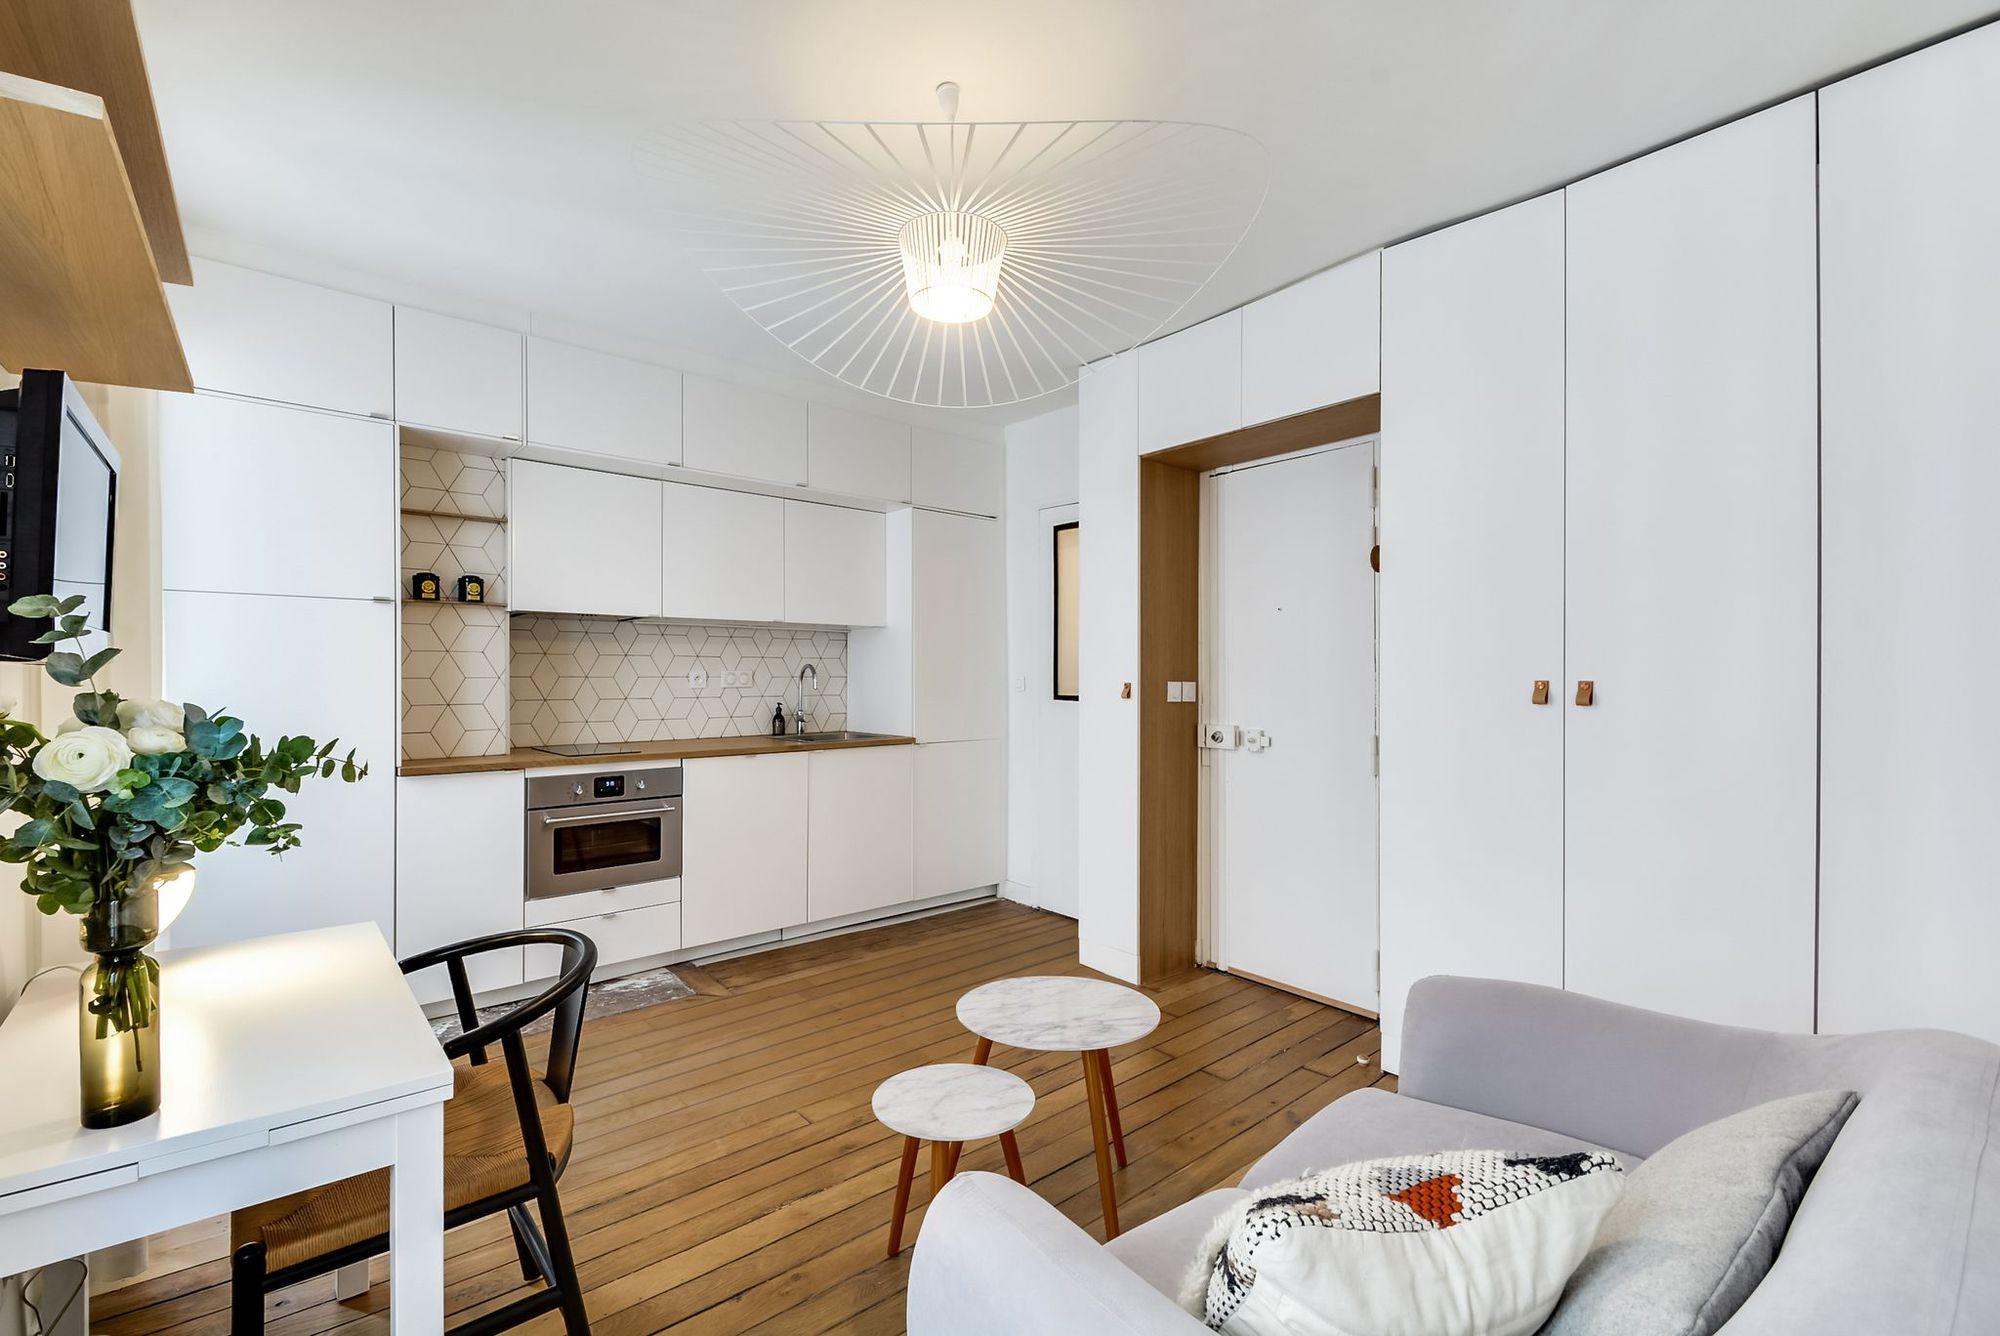 cuisine-blanche-integree-a-un-studio_5588135